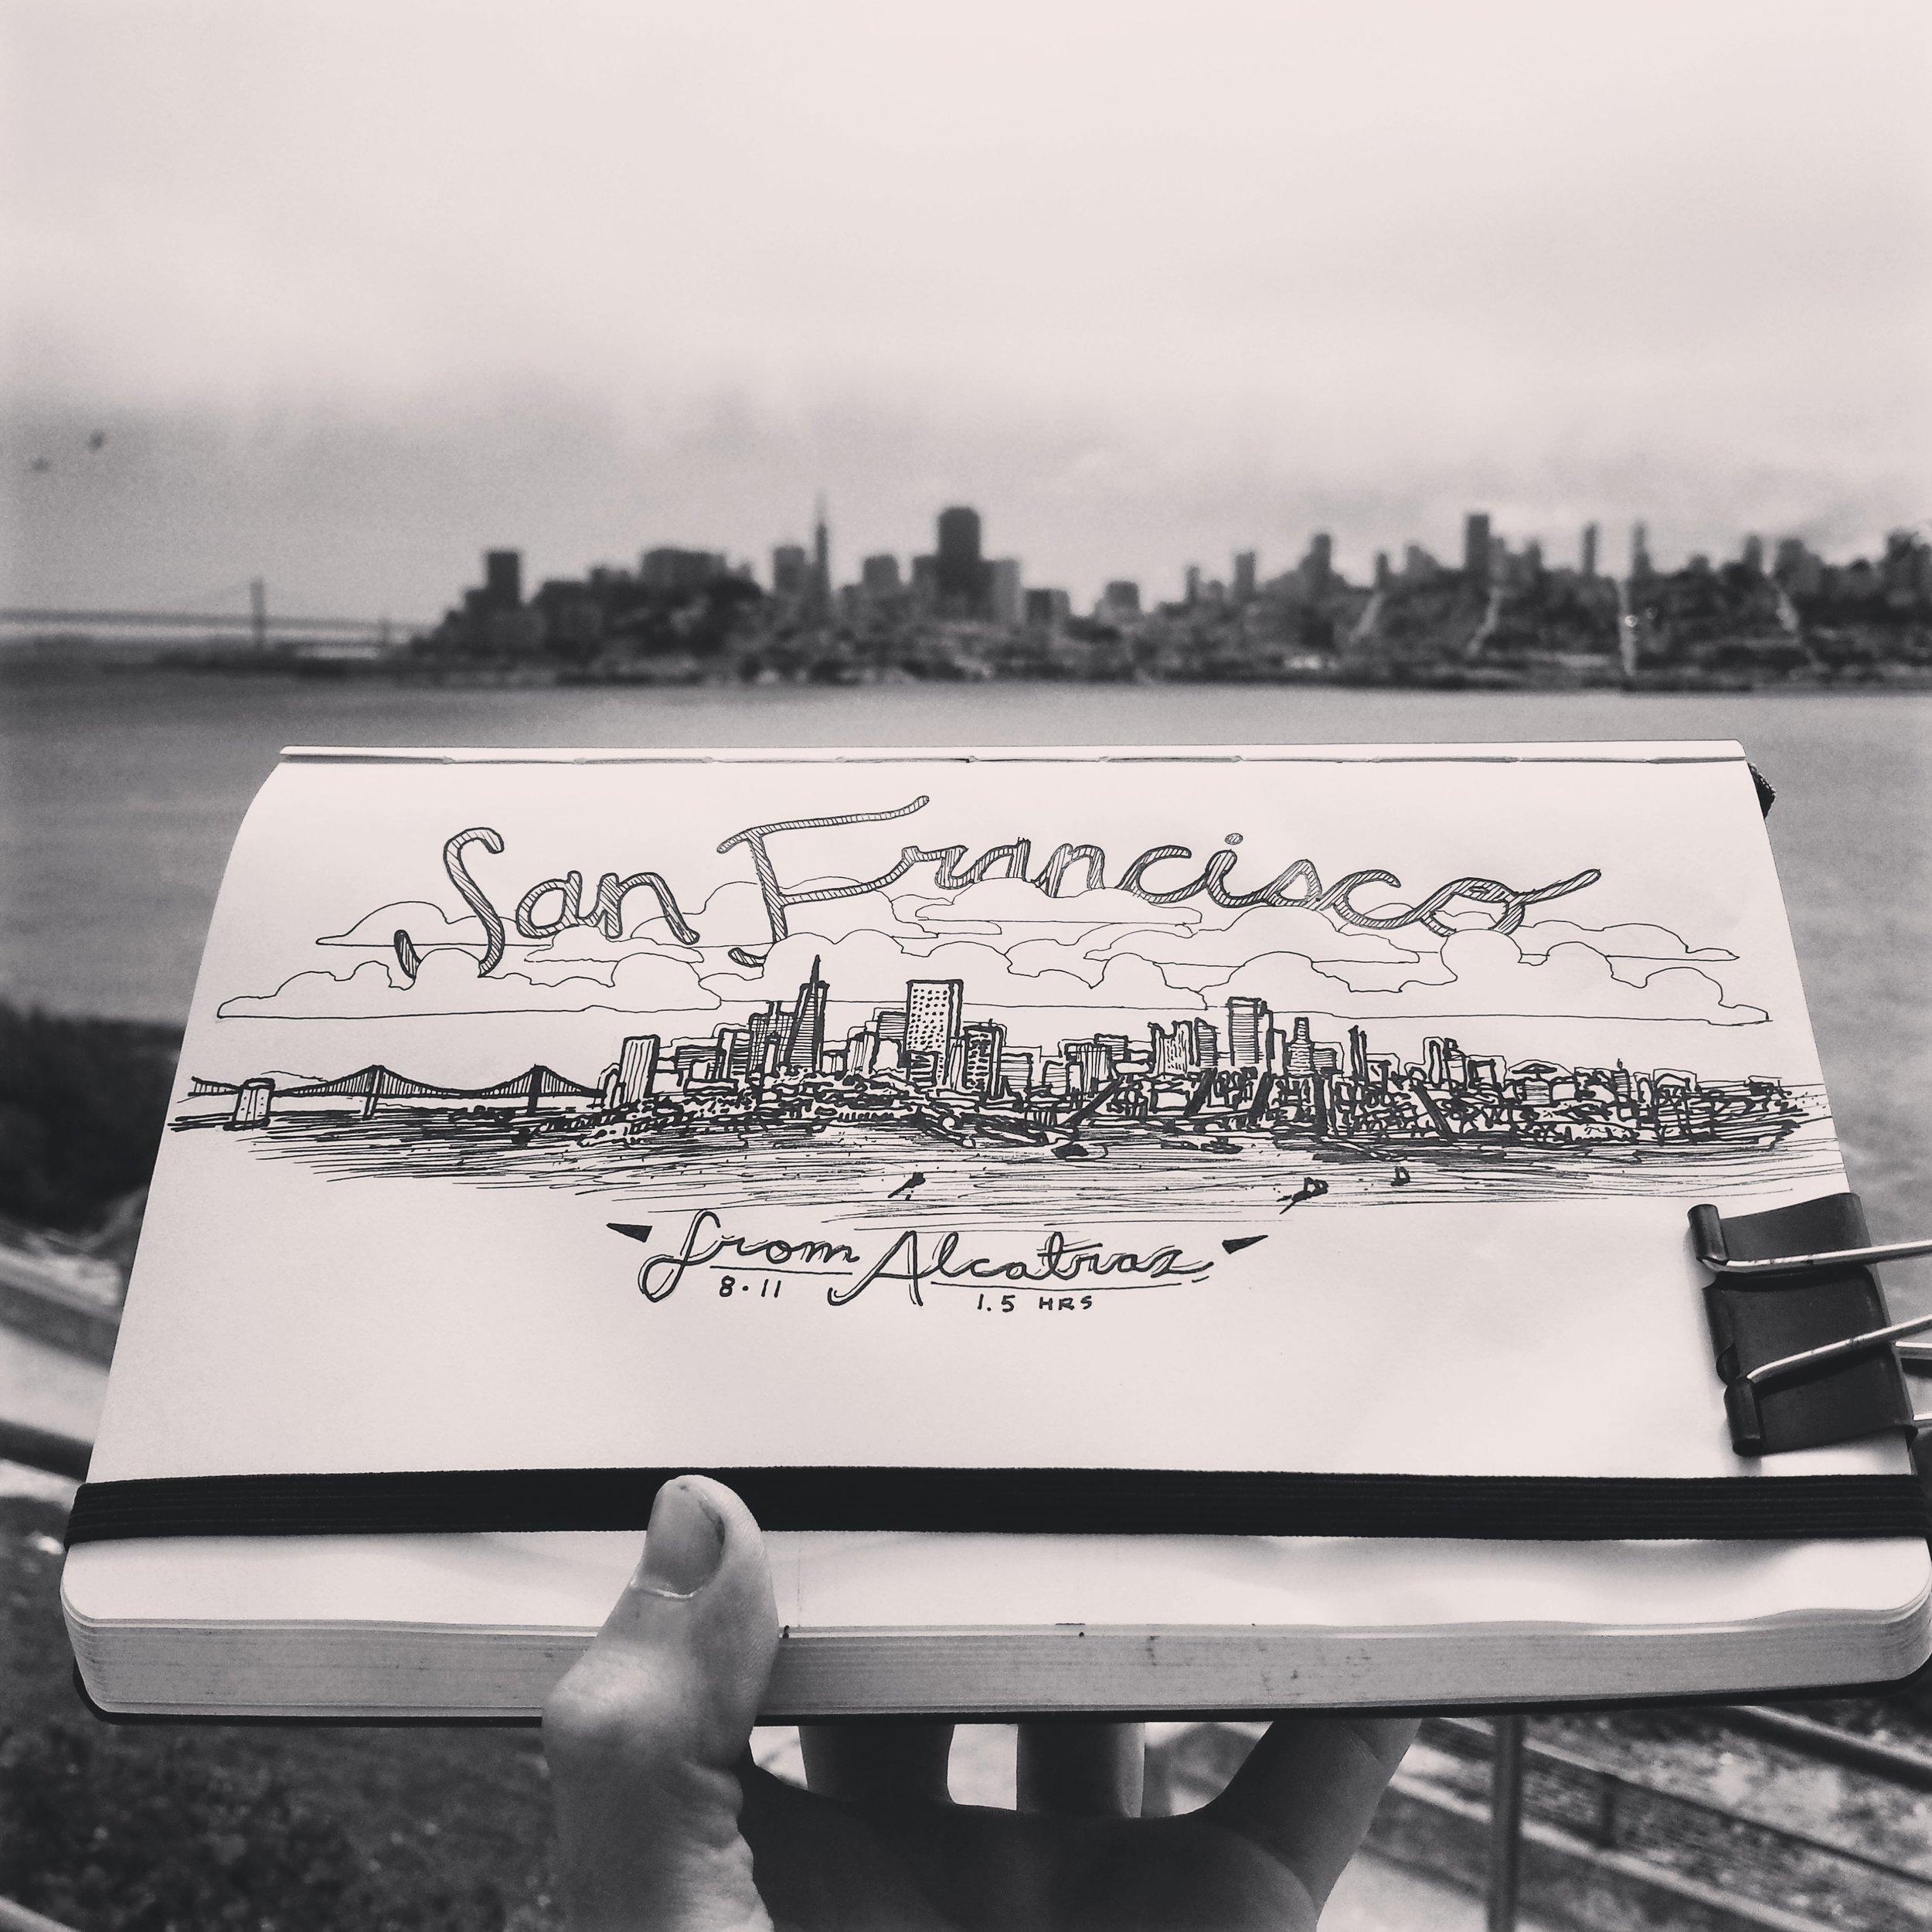 San Francisco, CA from Alcatraz